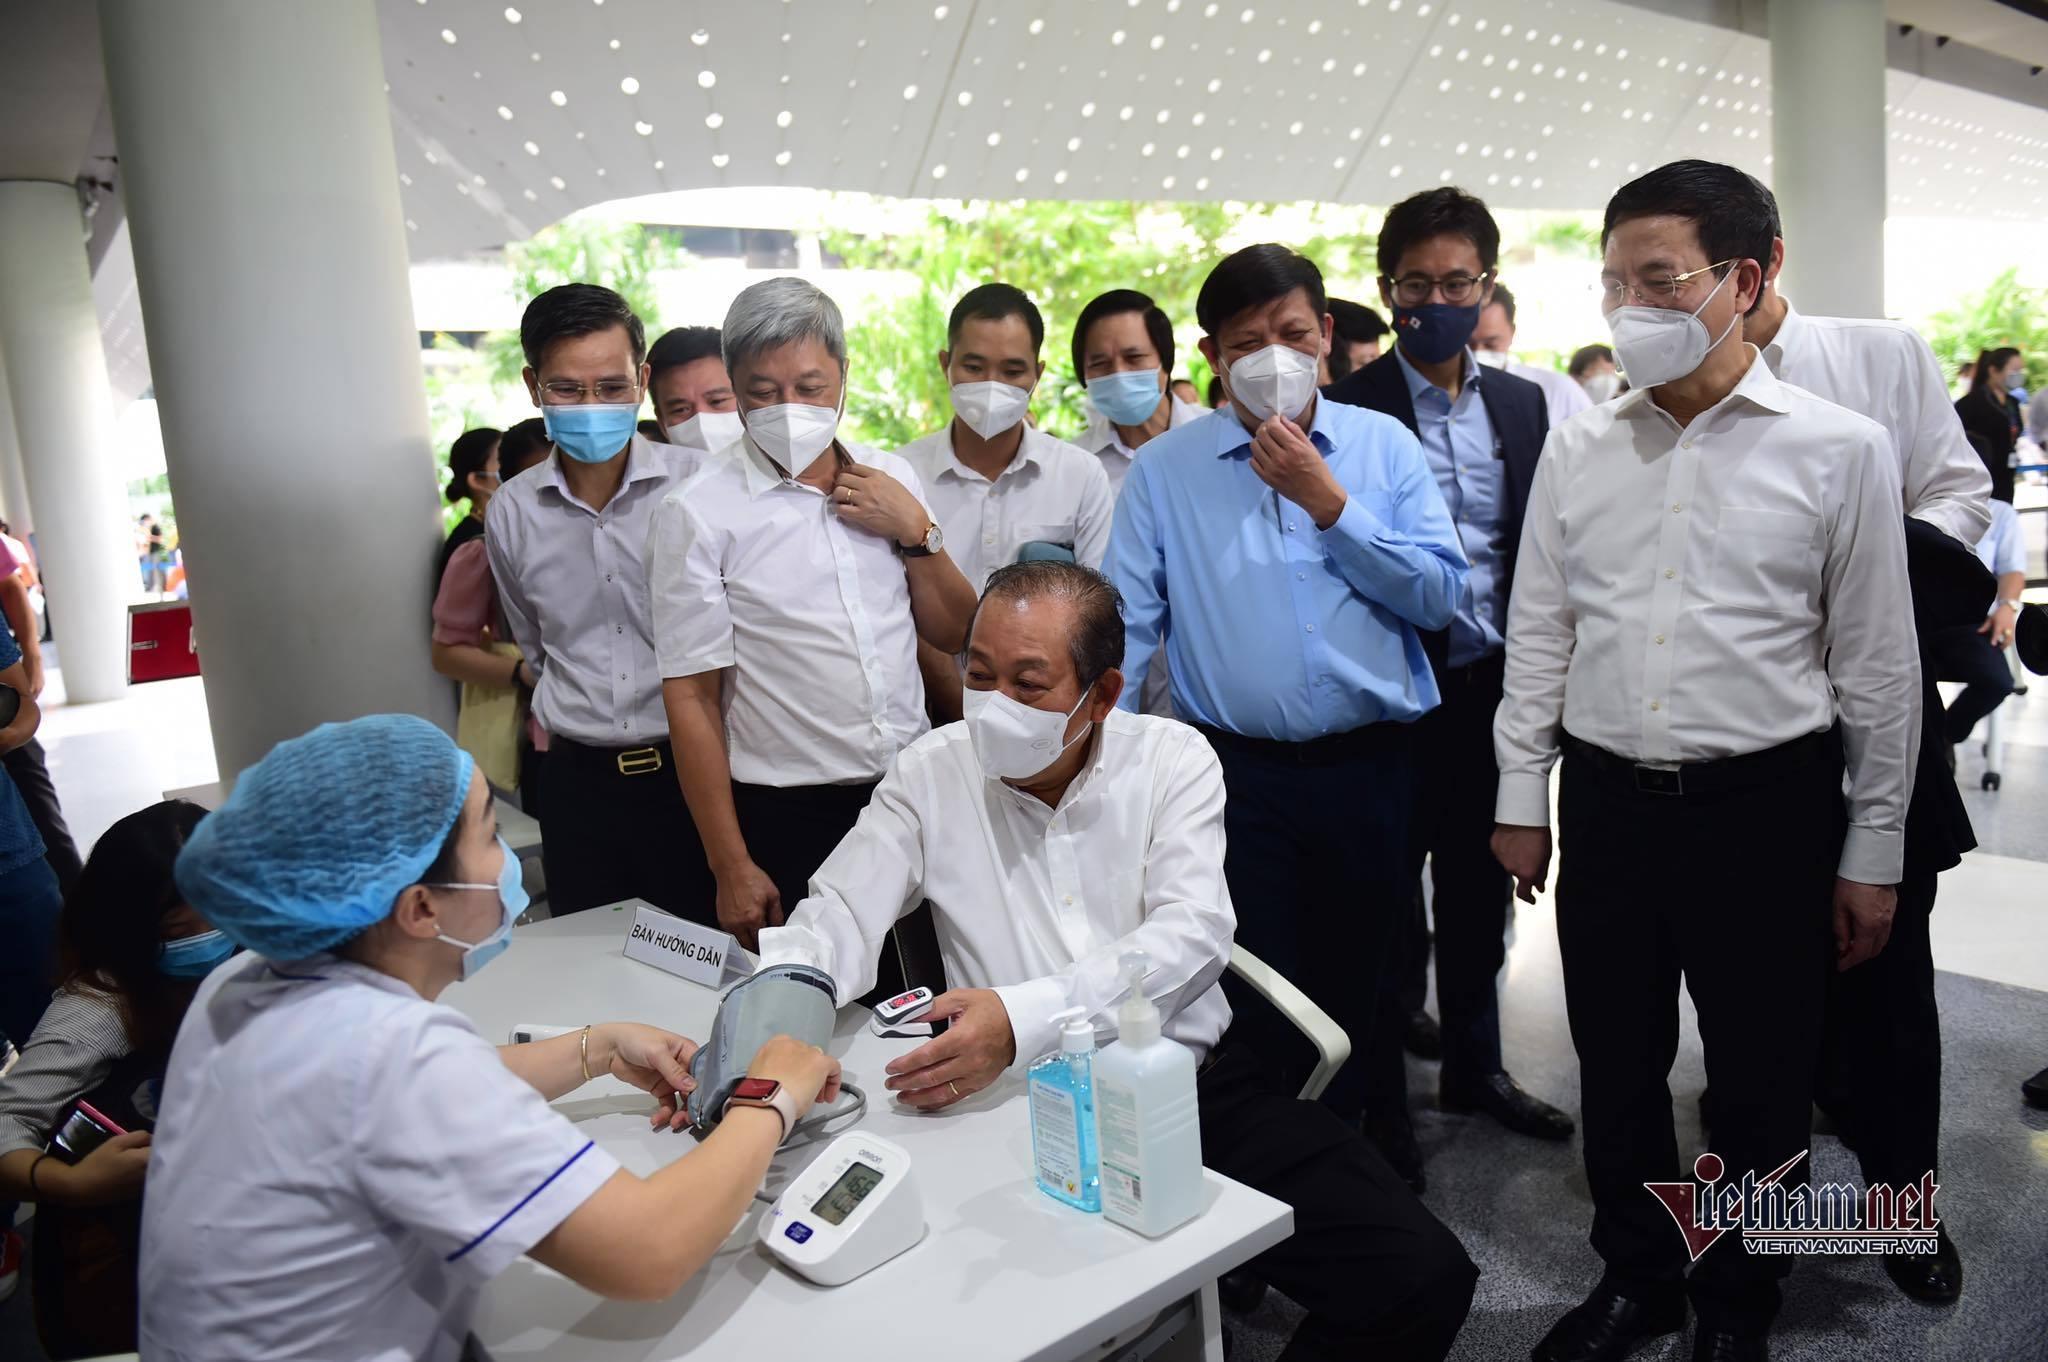 Ứng dụng công nghệ trong tiêm chủng vắc xin Covid-19: Tiêm nhanh, giảm thủ tục